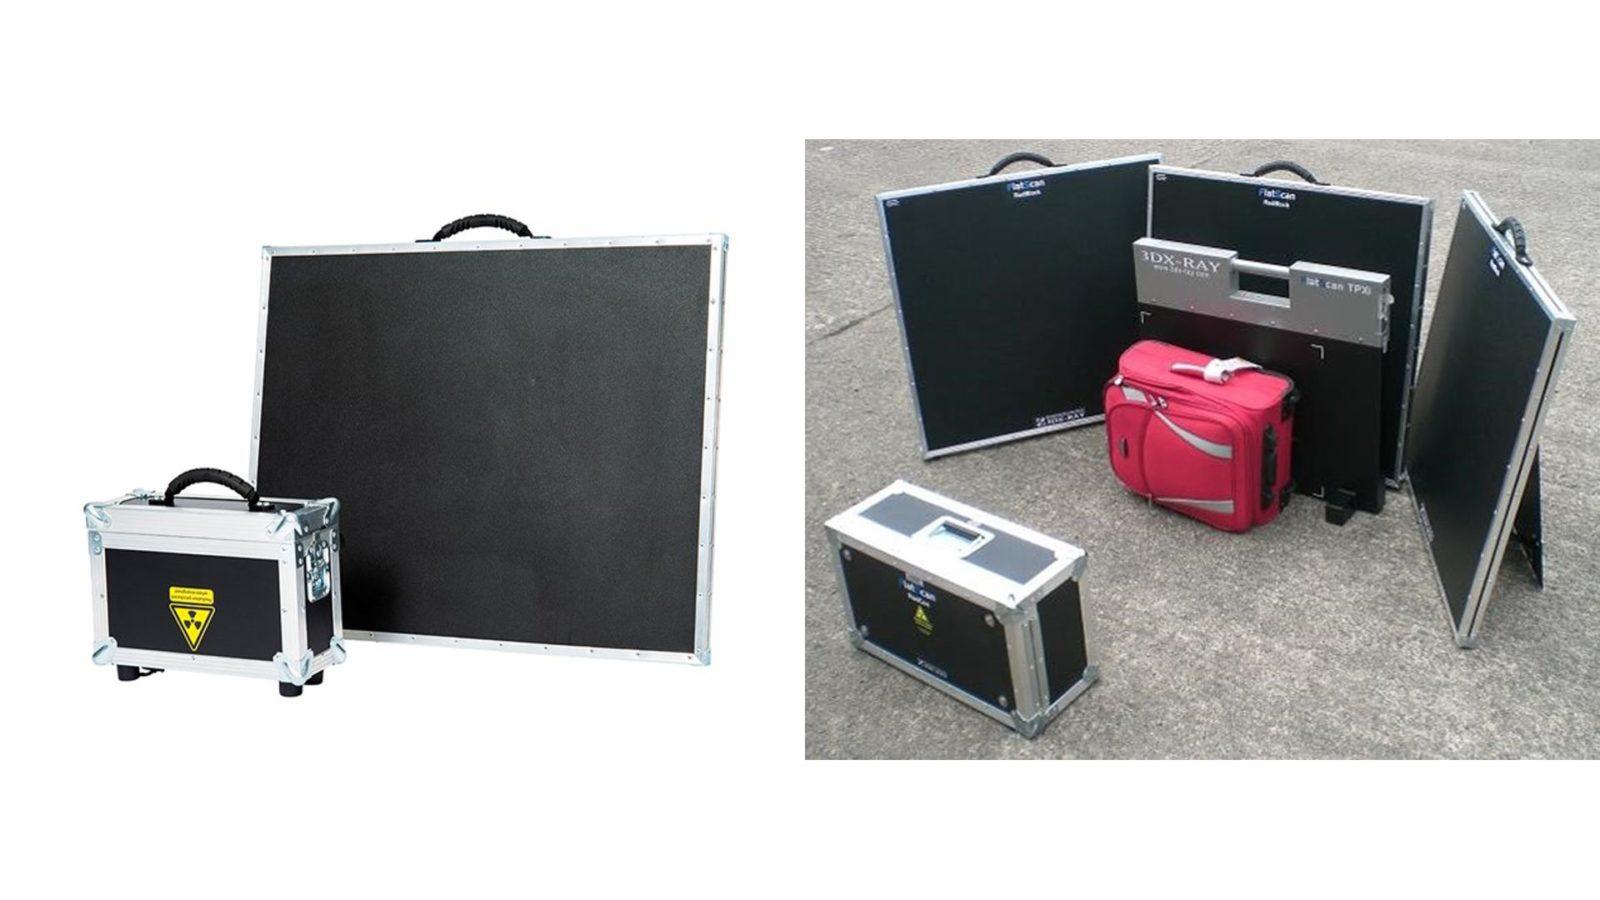 Портативные сканеры 3dxray - защитные панели